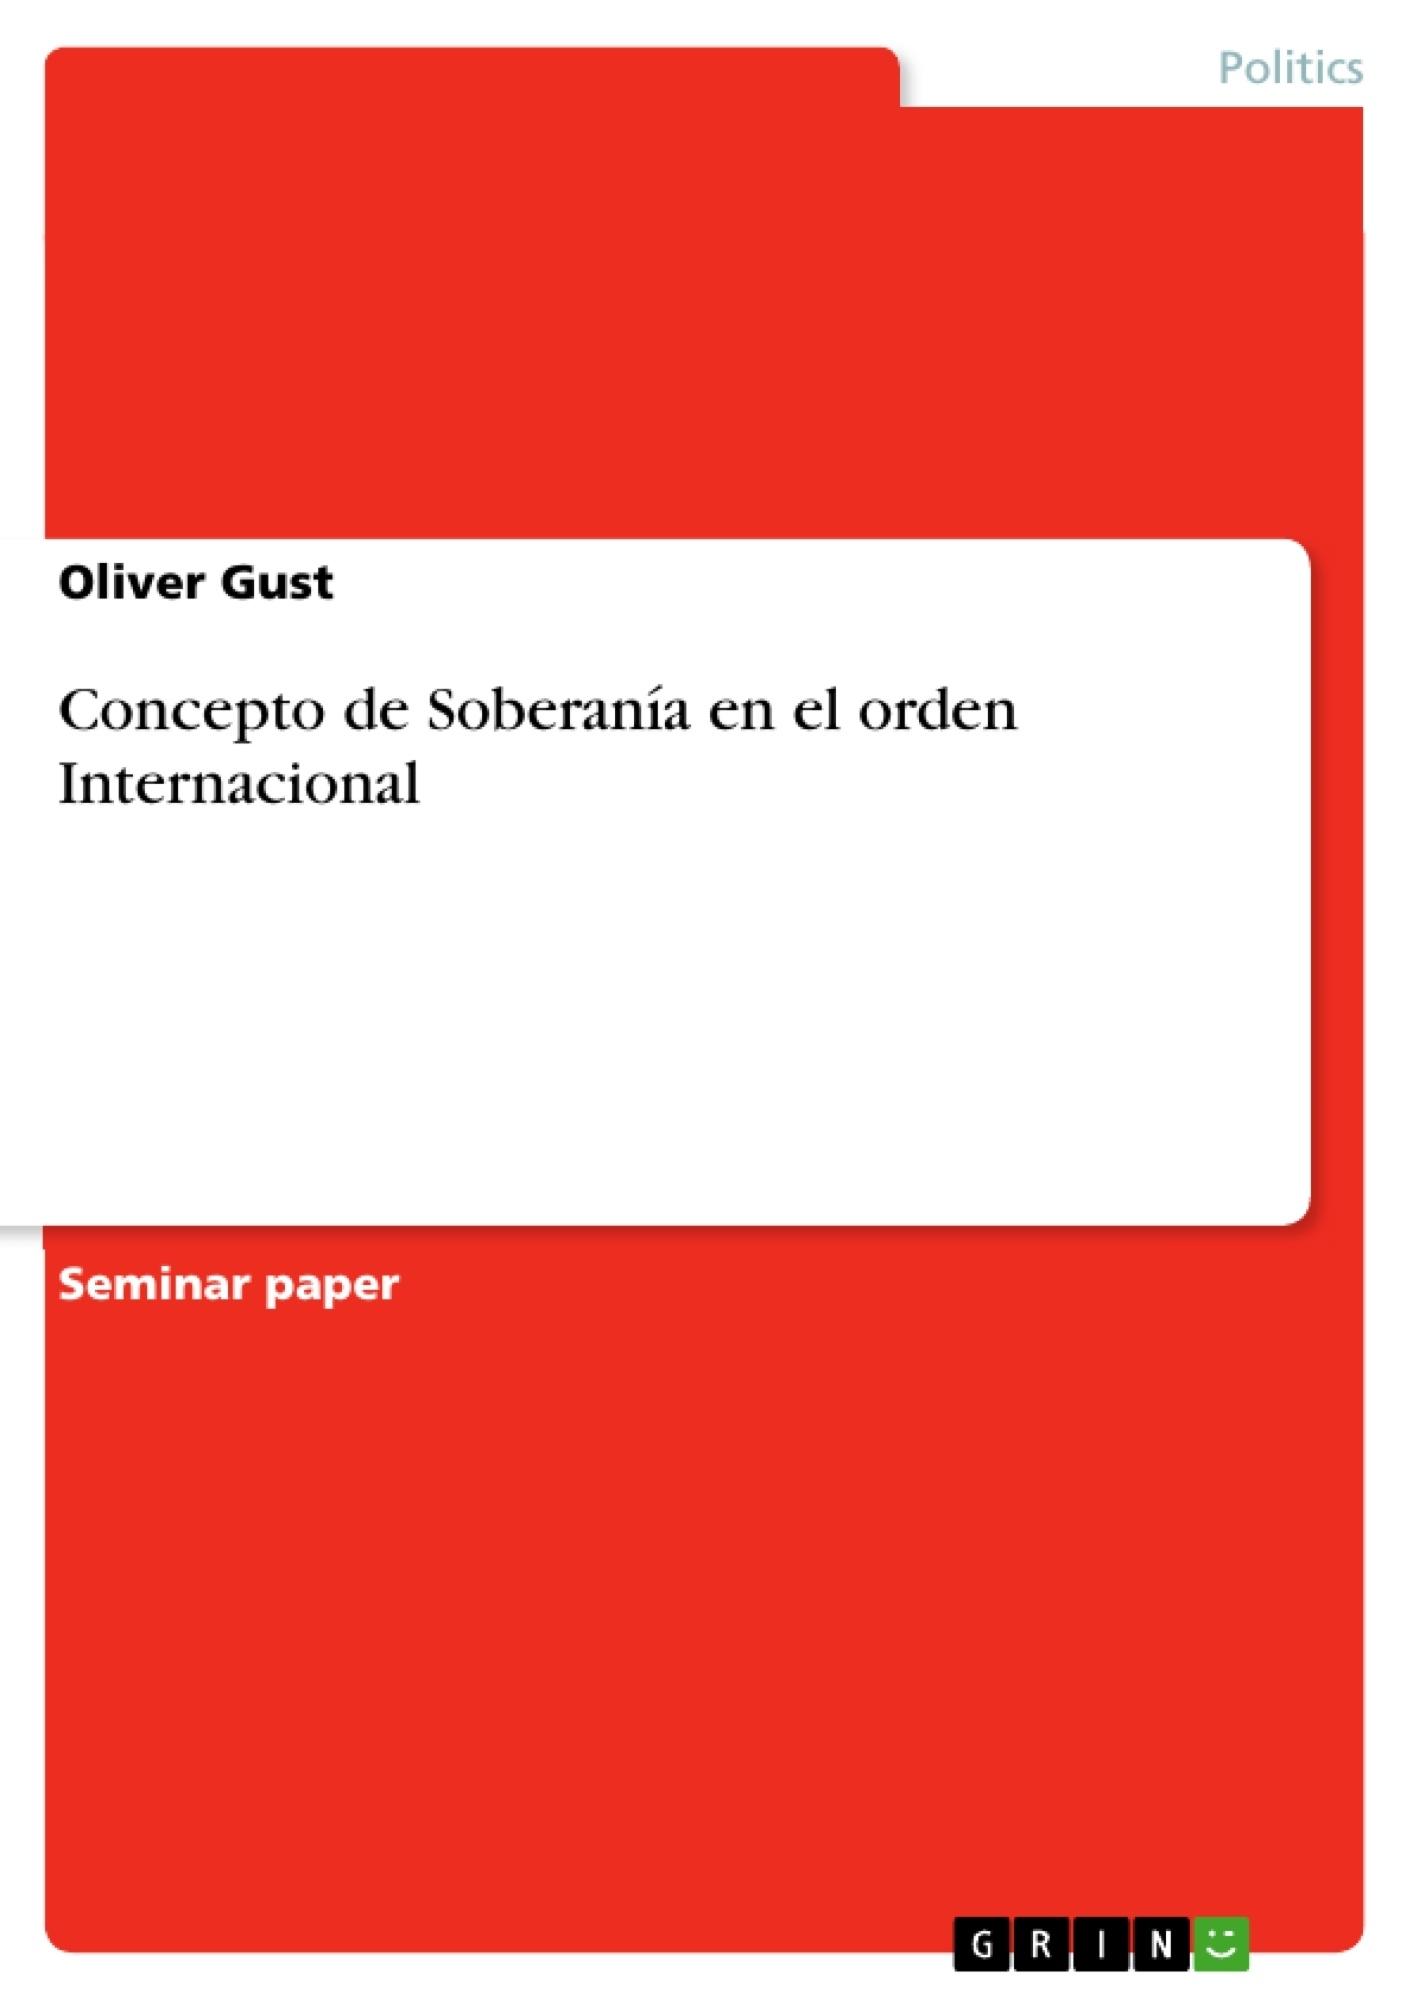 Título: Concepto de Soberanía en el orden Internacional